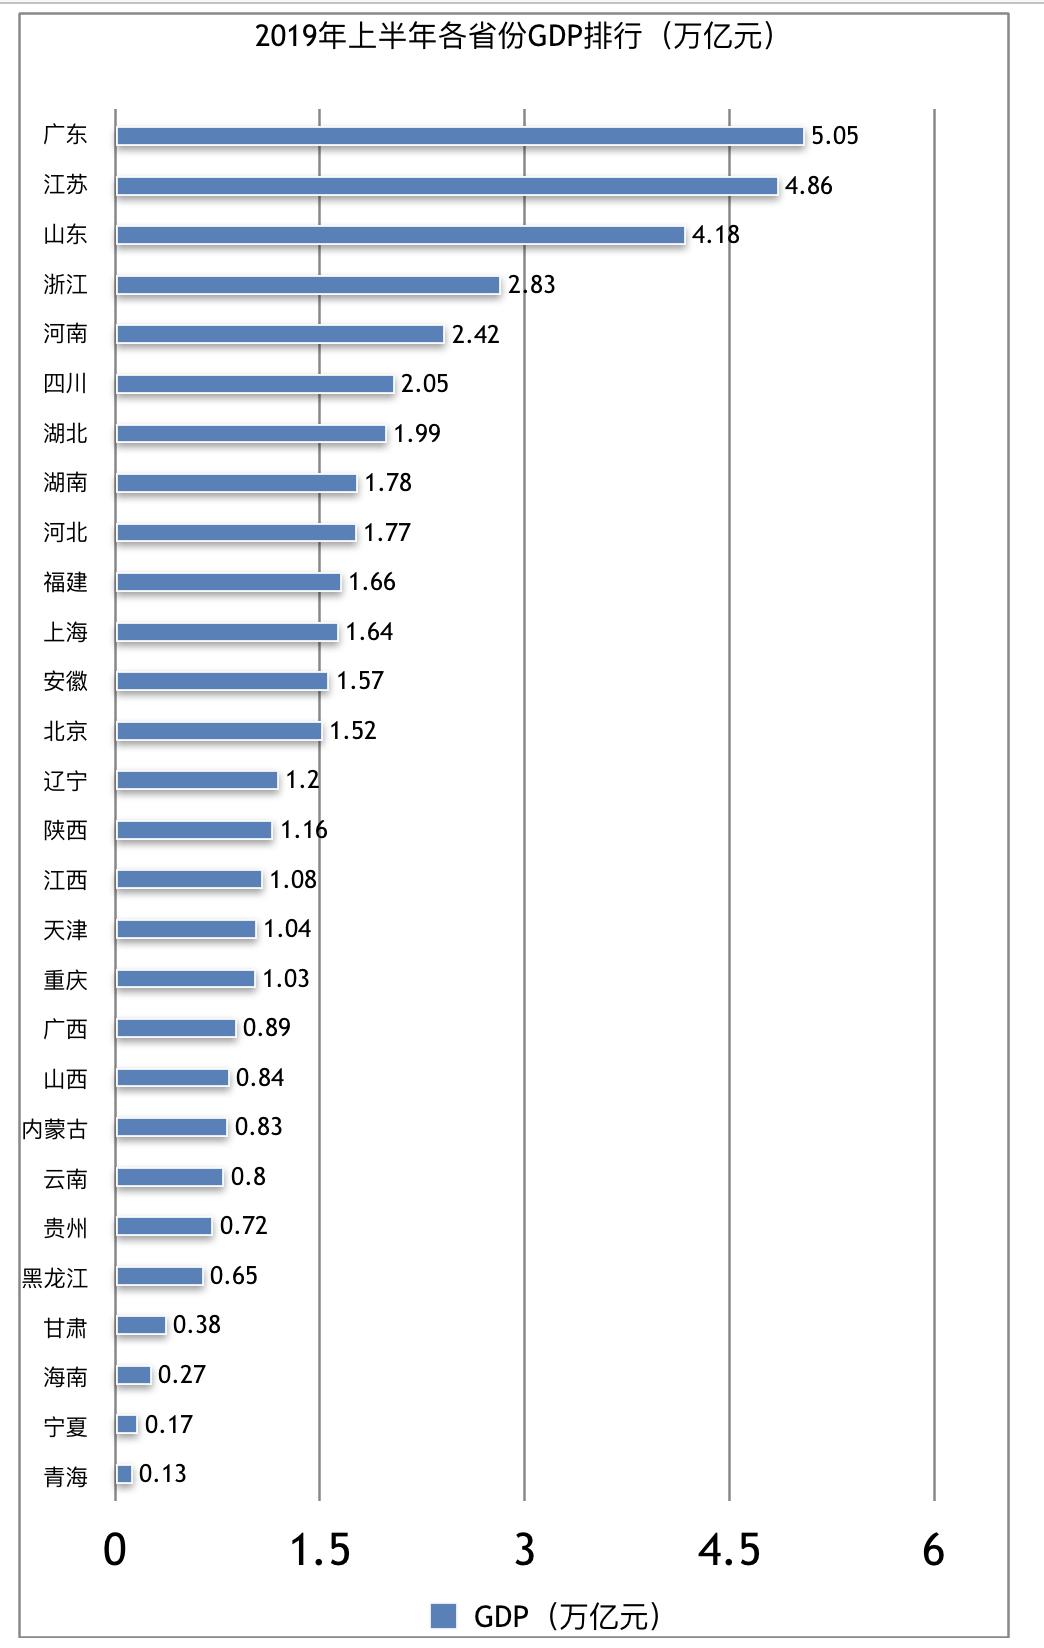 28省份半年报:15省份增速高于全国增速,湖南超越河北